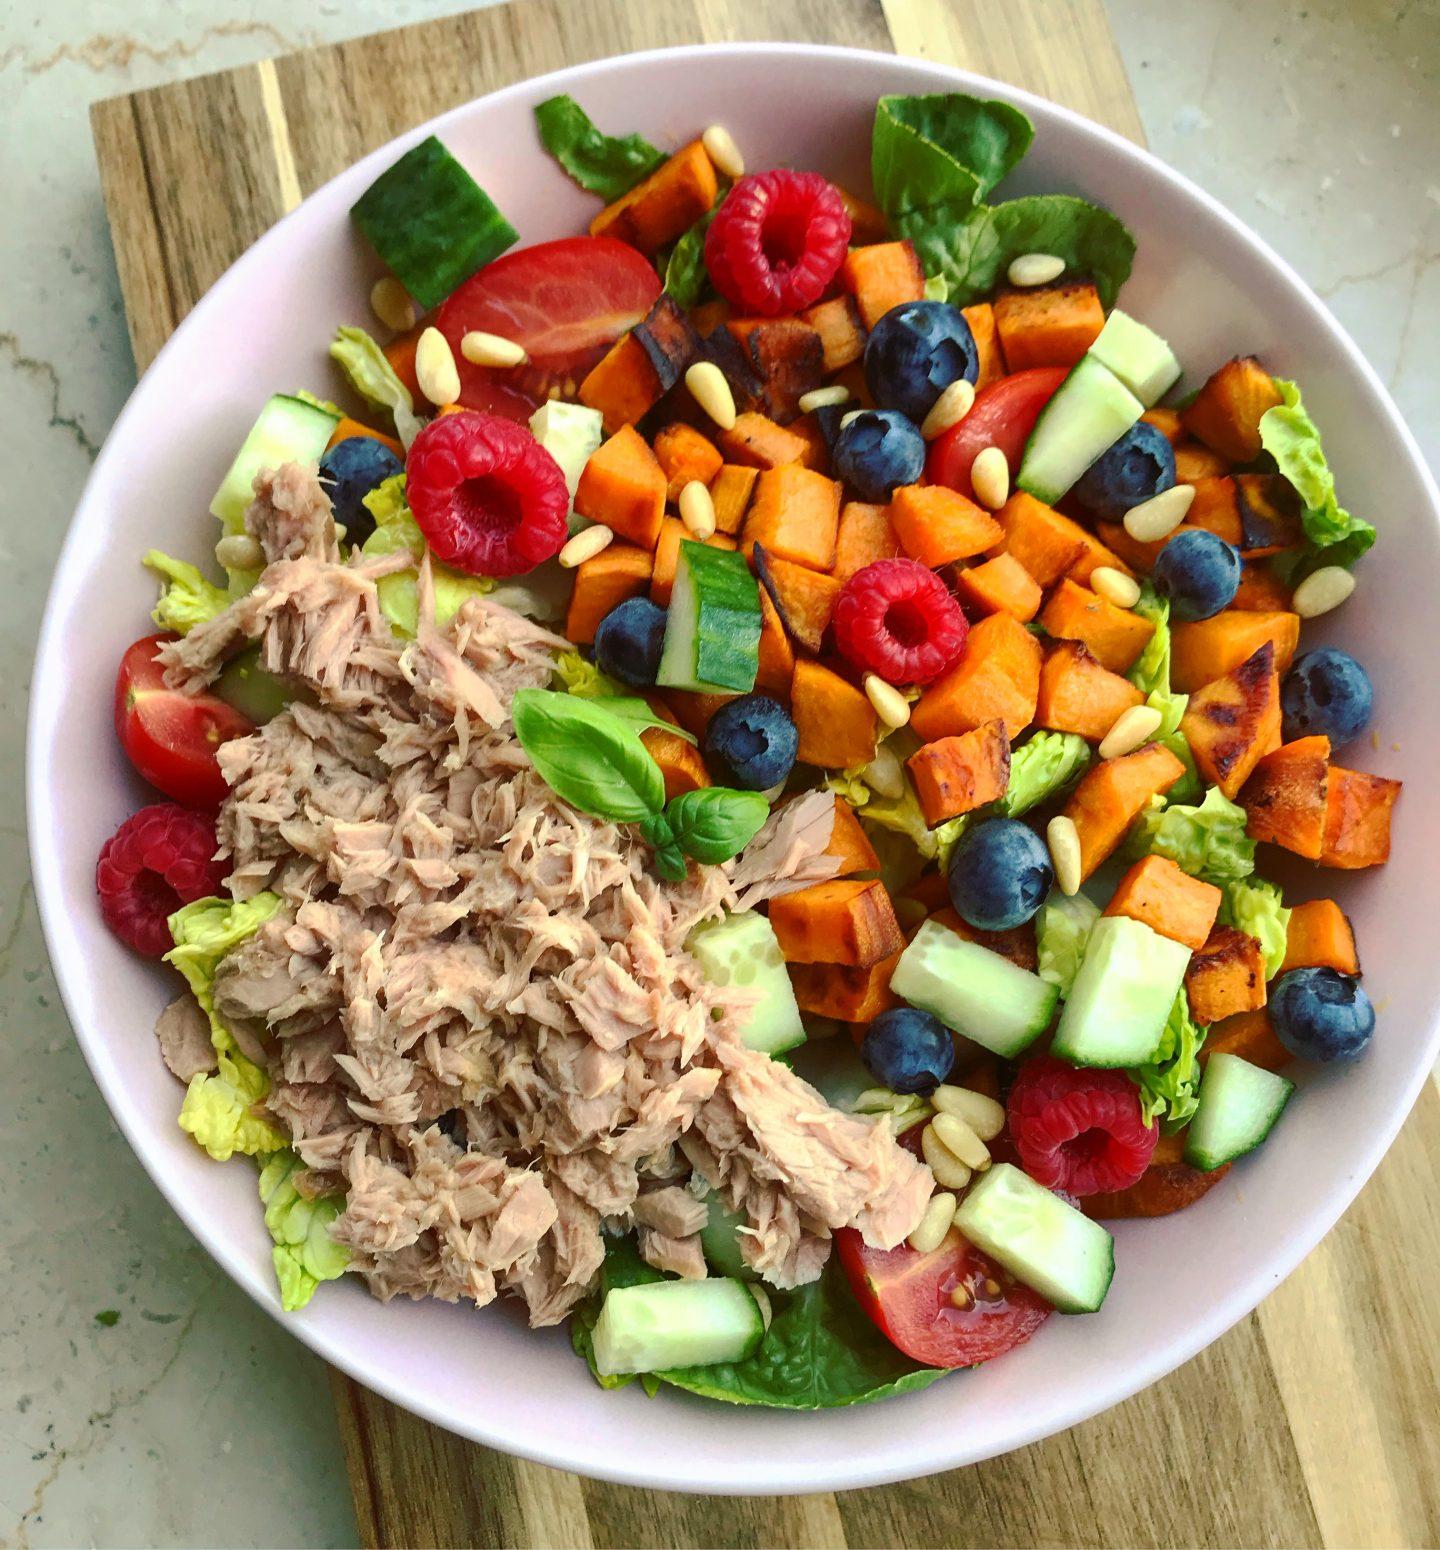 Salad-Bowl mit Süßkartoffeln und Früchten